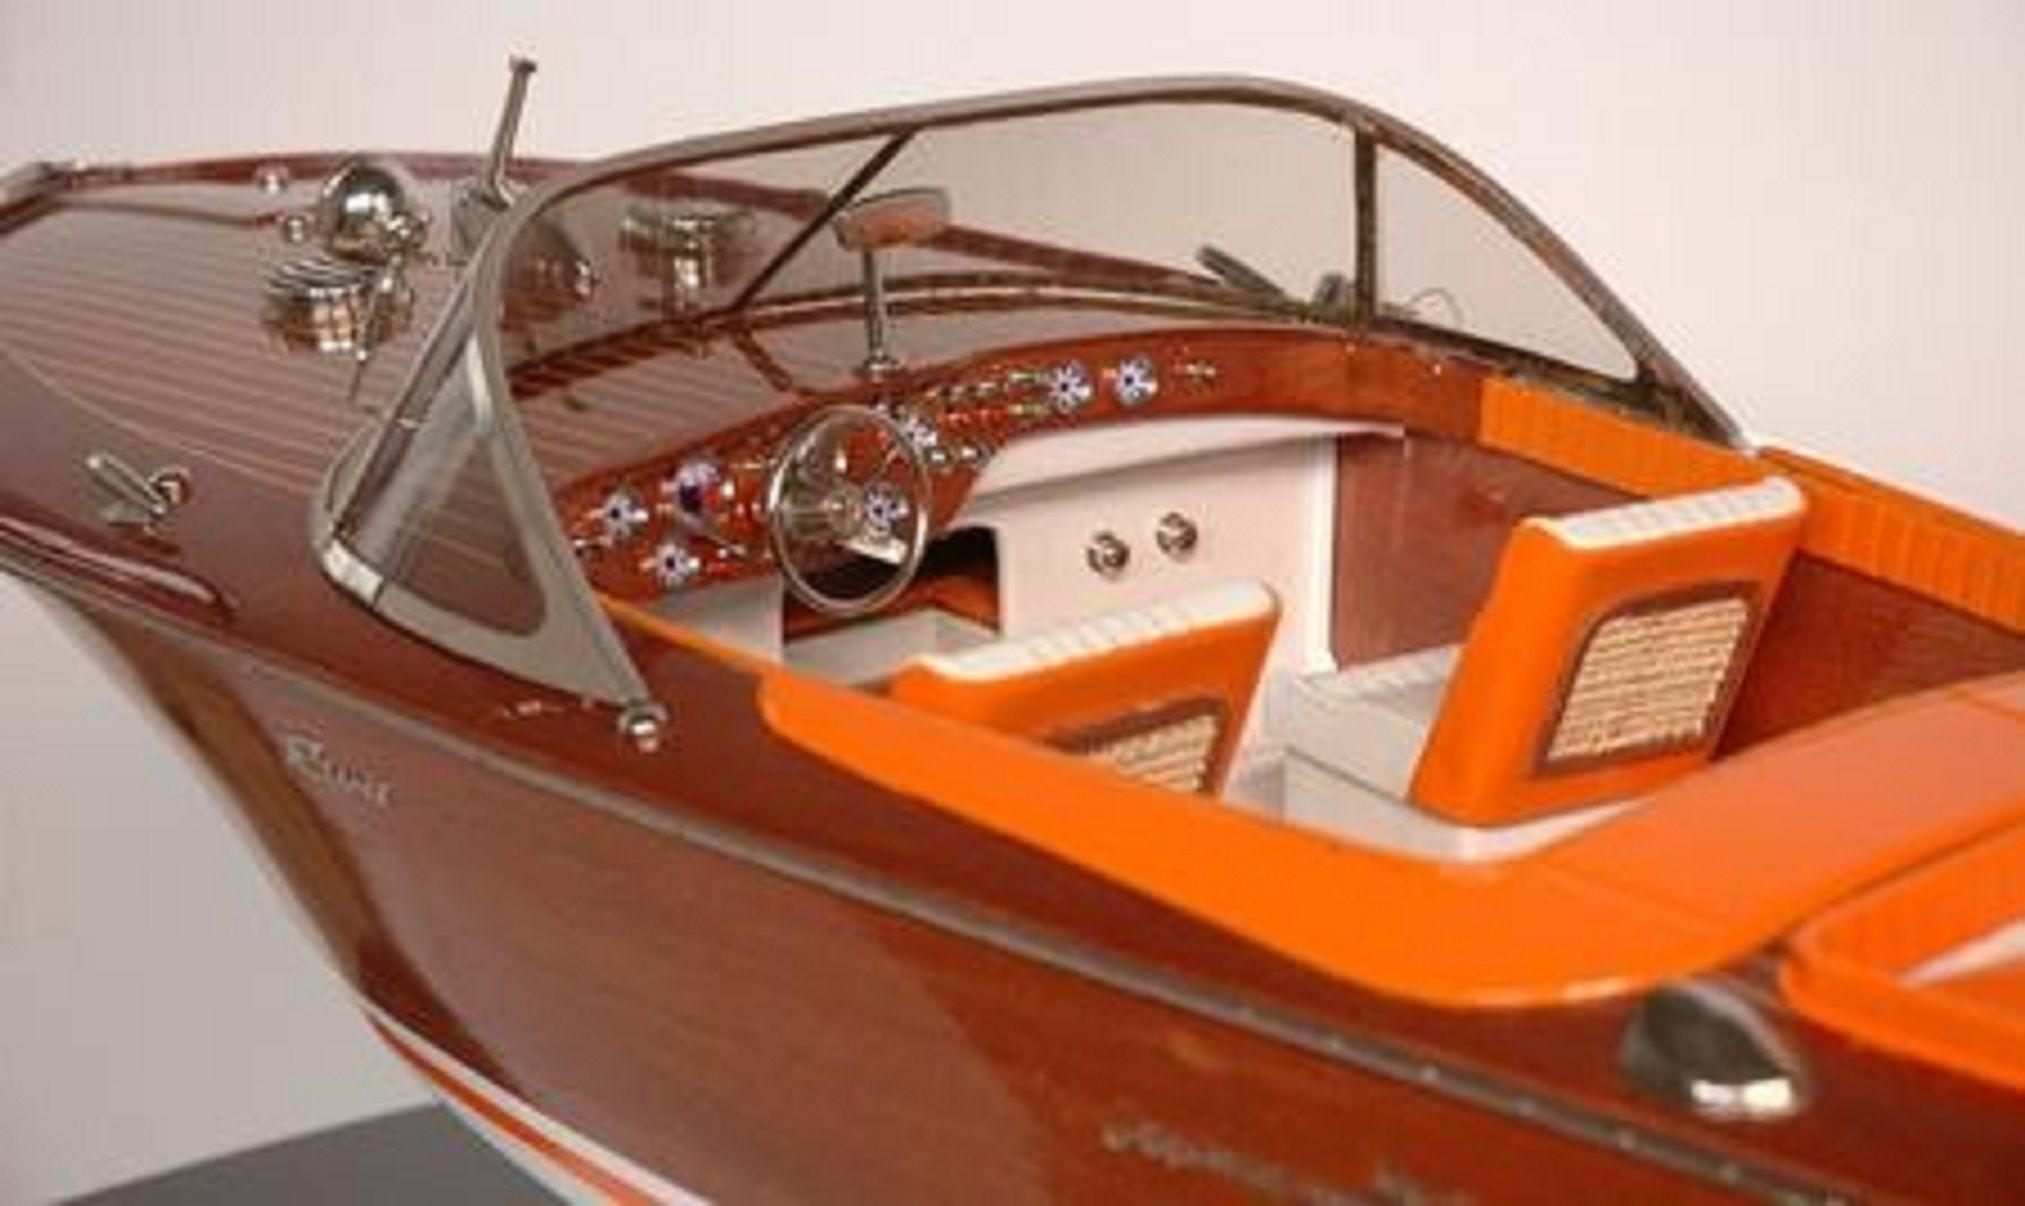 328-7579-Riva-Aquarama-Special-Model-Boat-Premier-Range